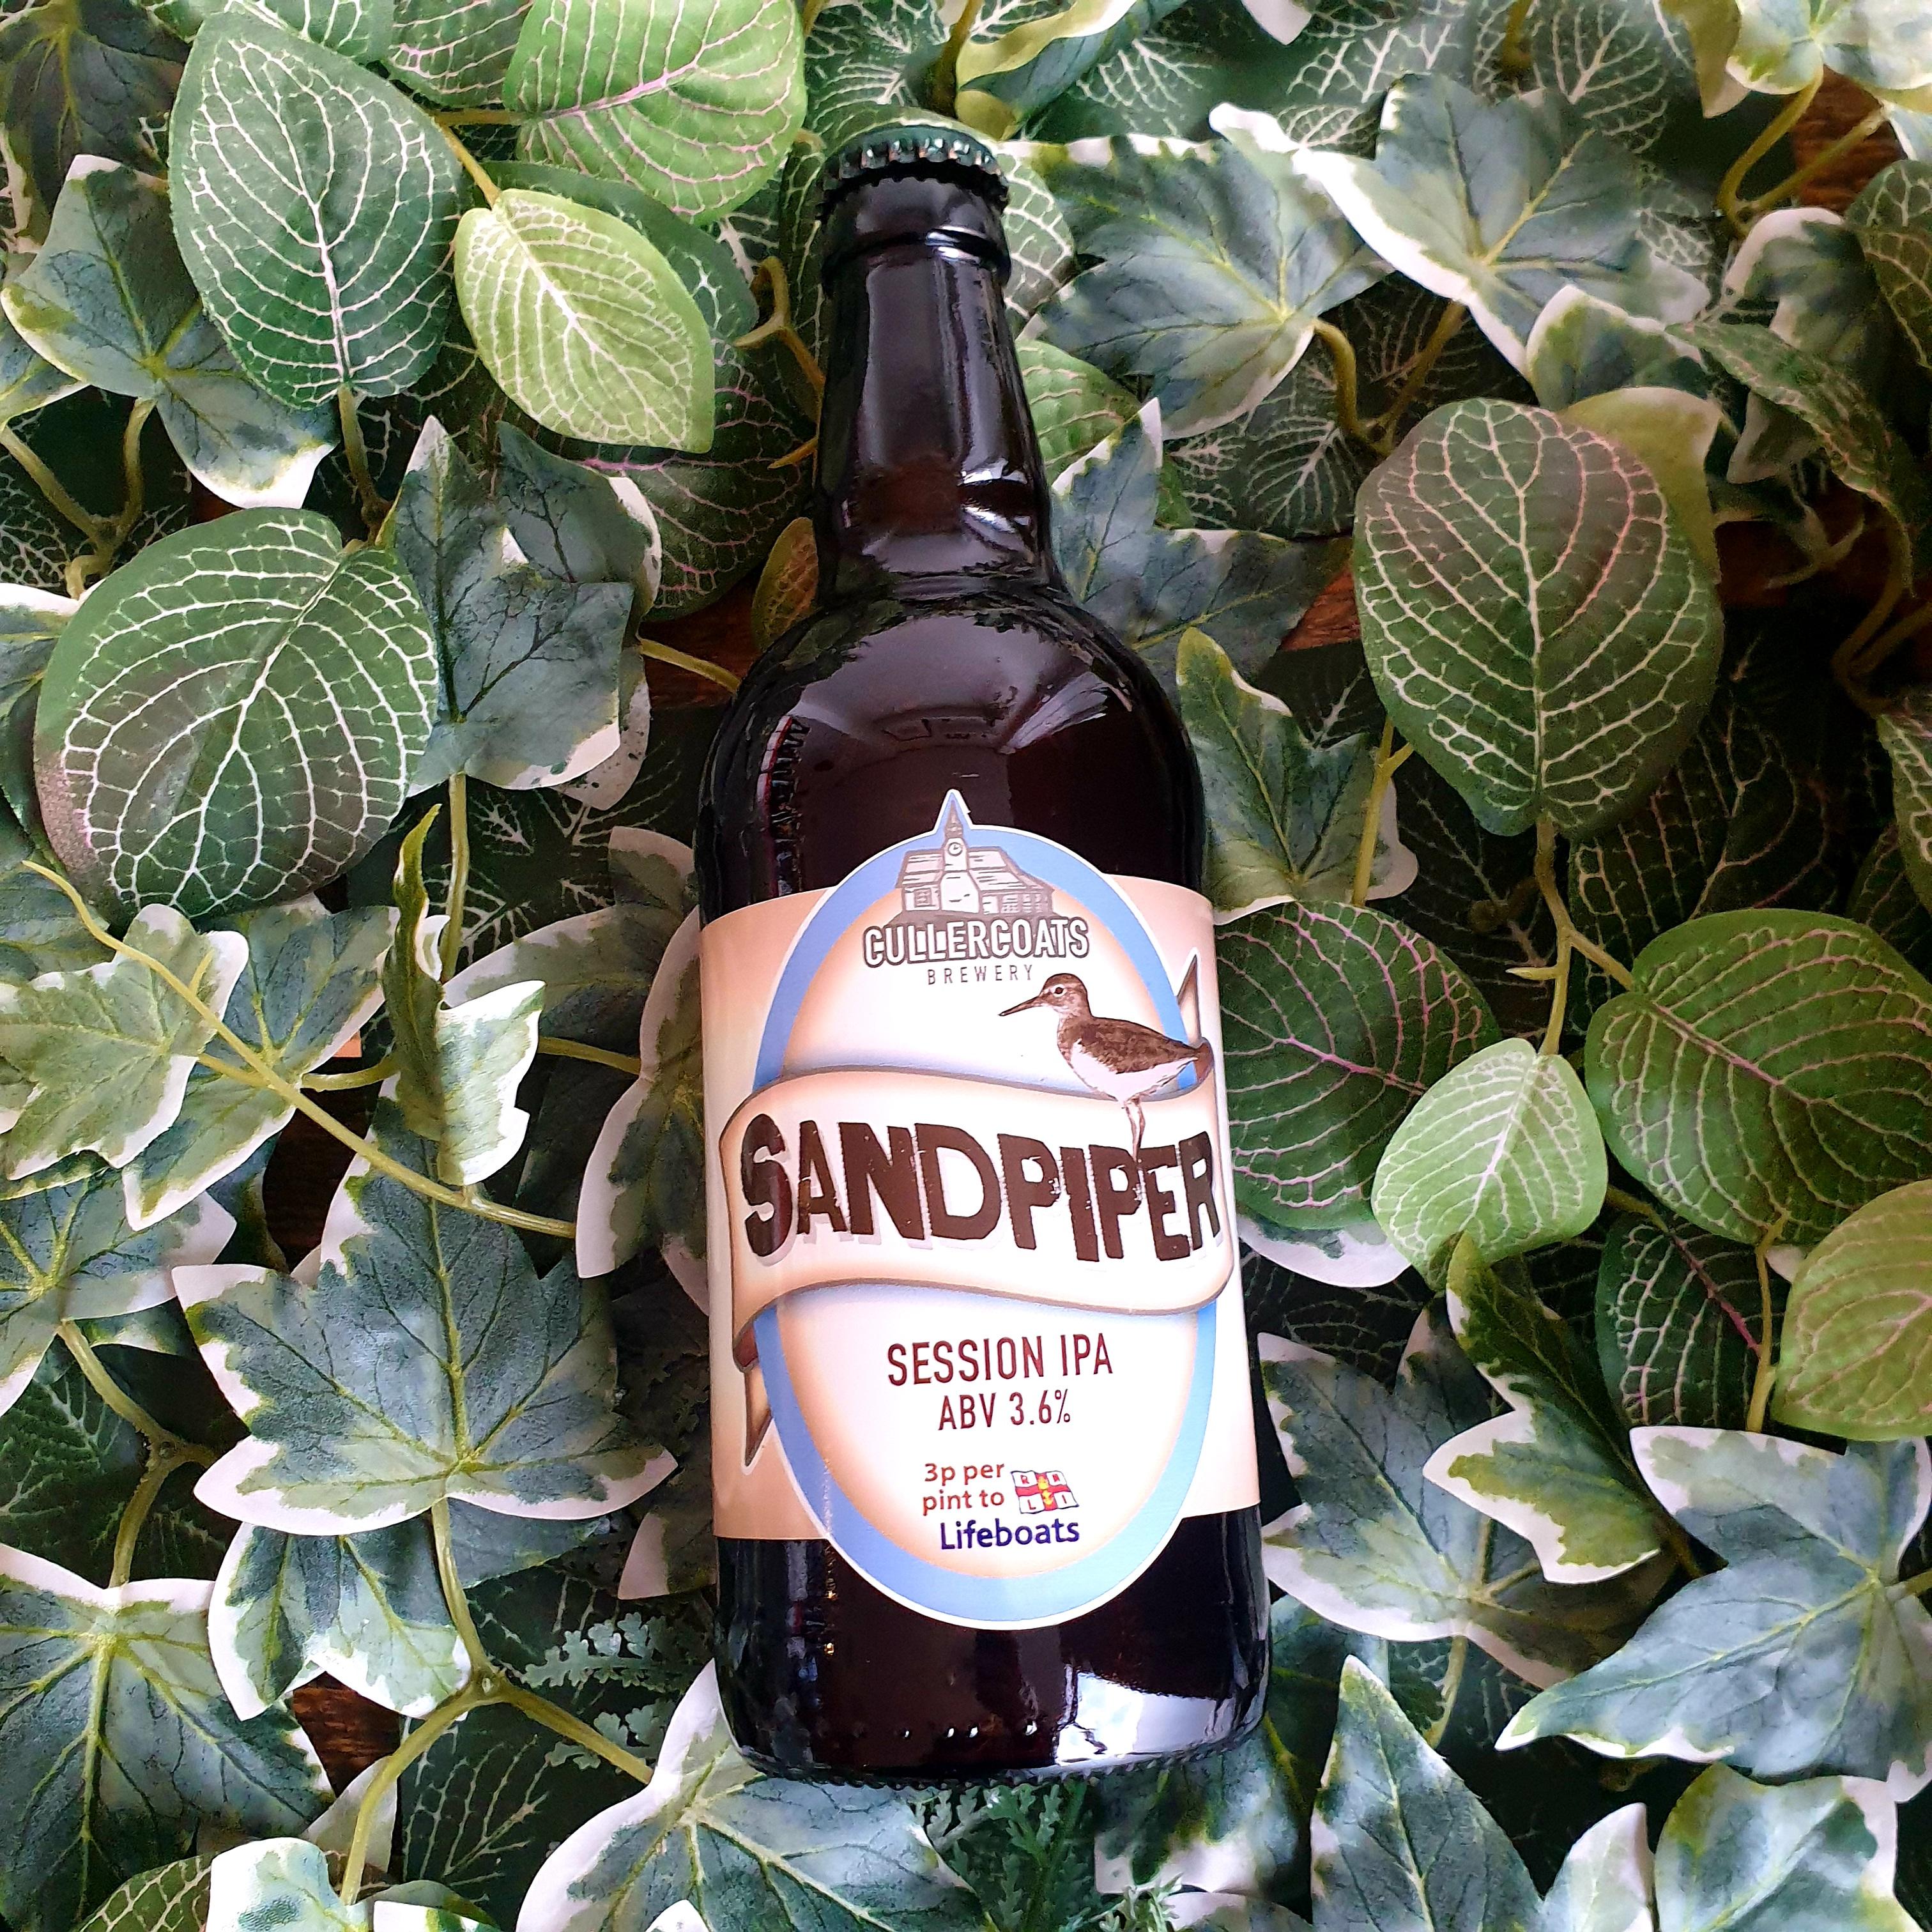 *20% OFF* Cullercoats - Sandpiper 3.6%